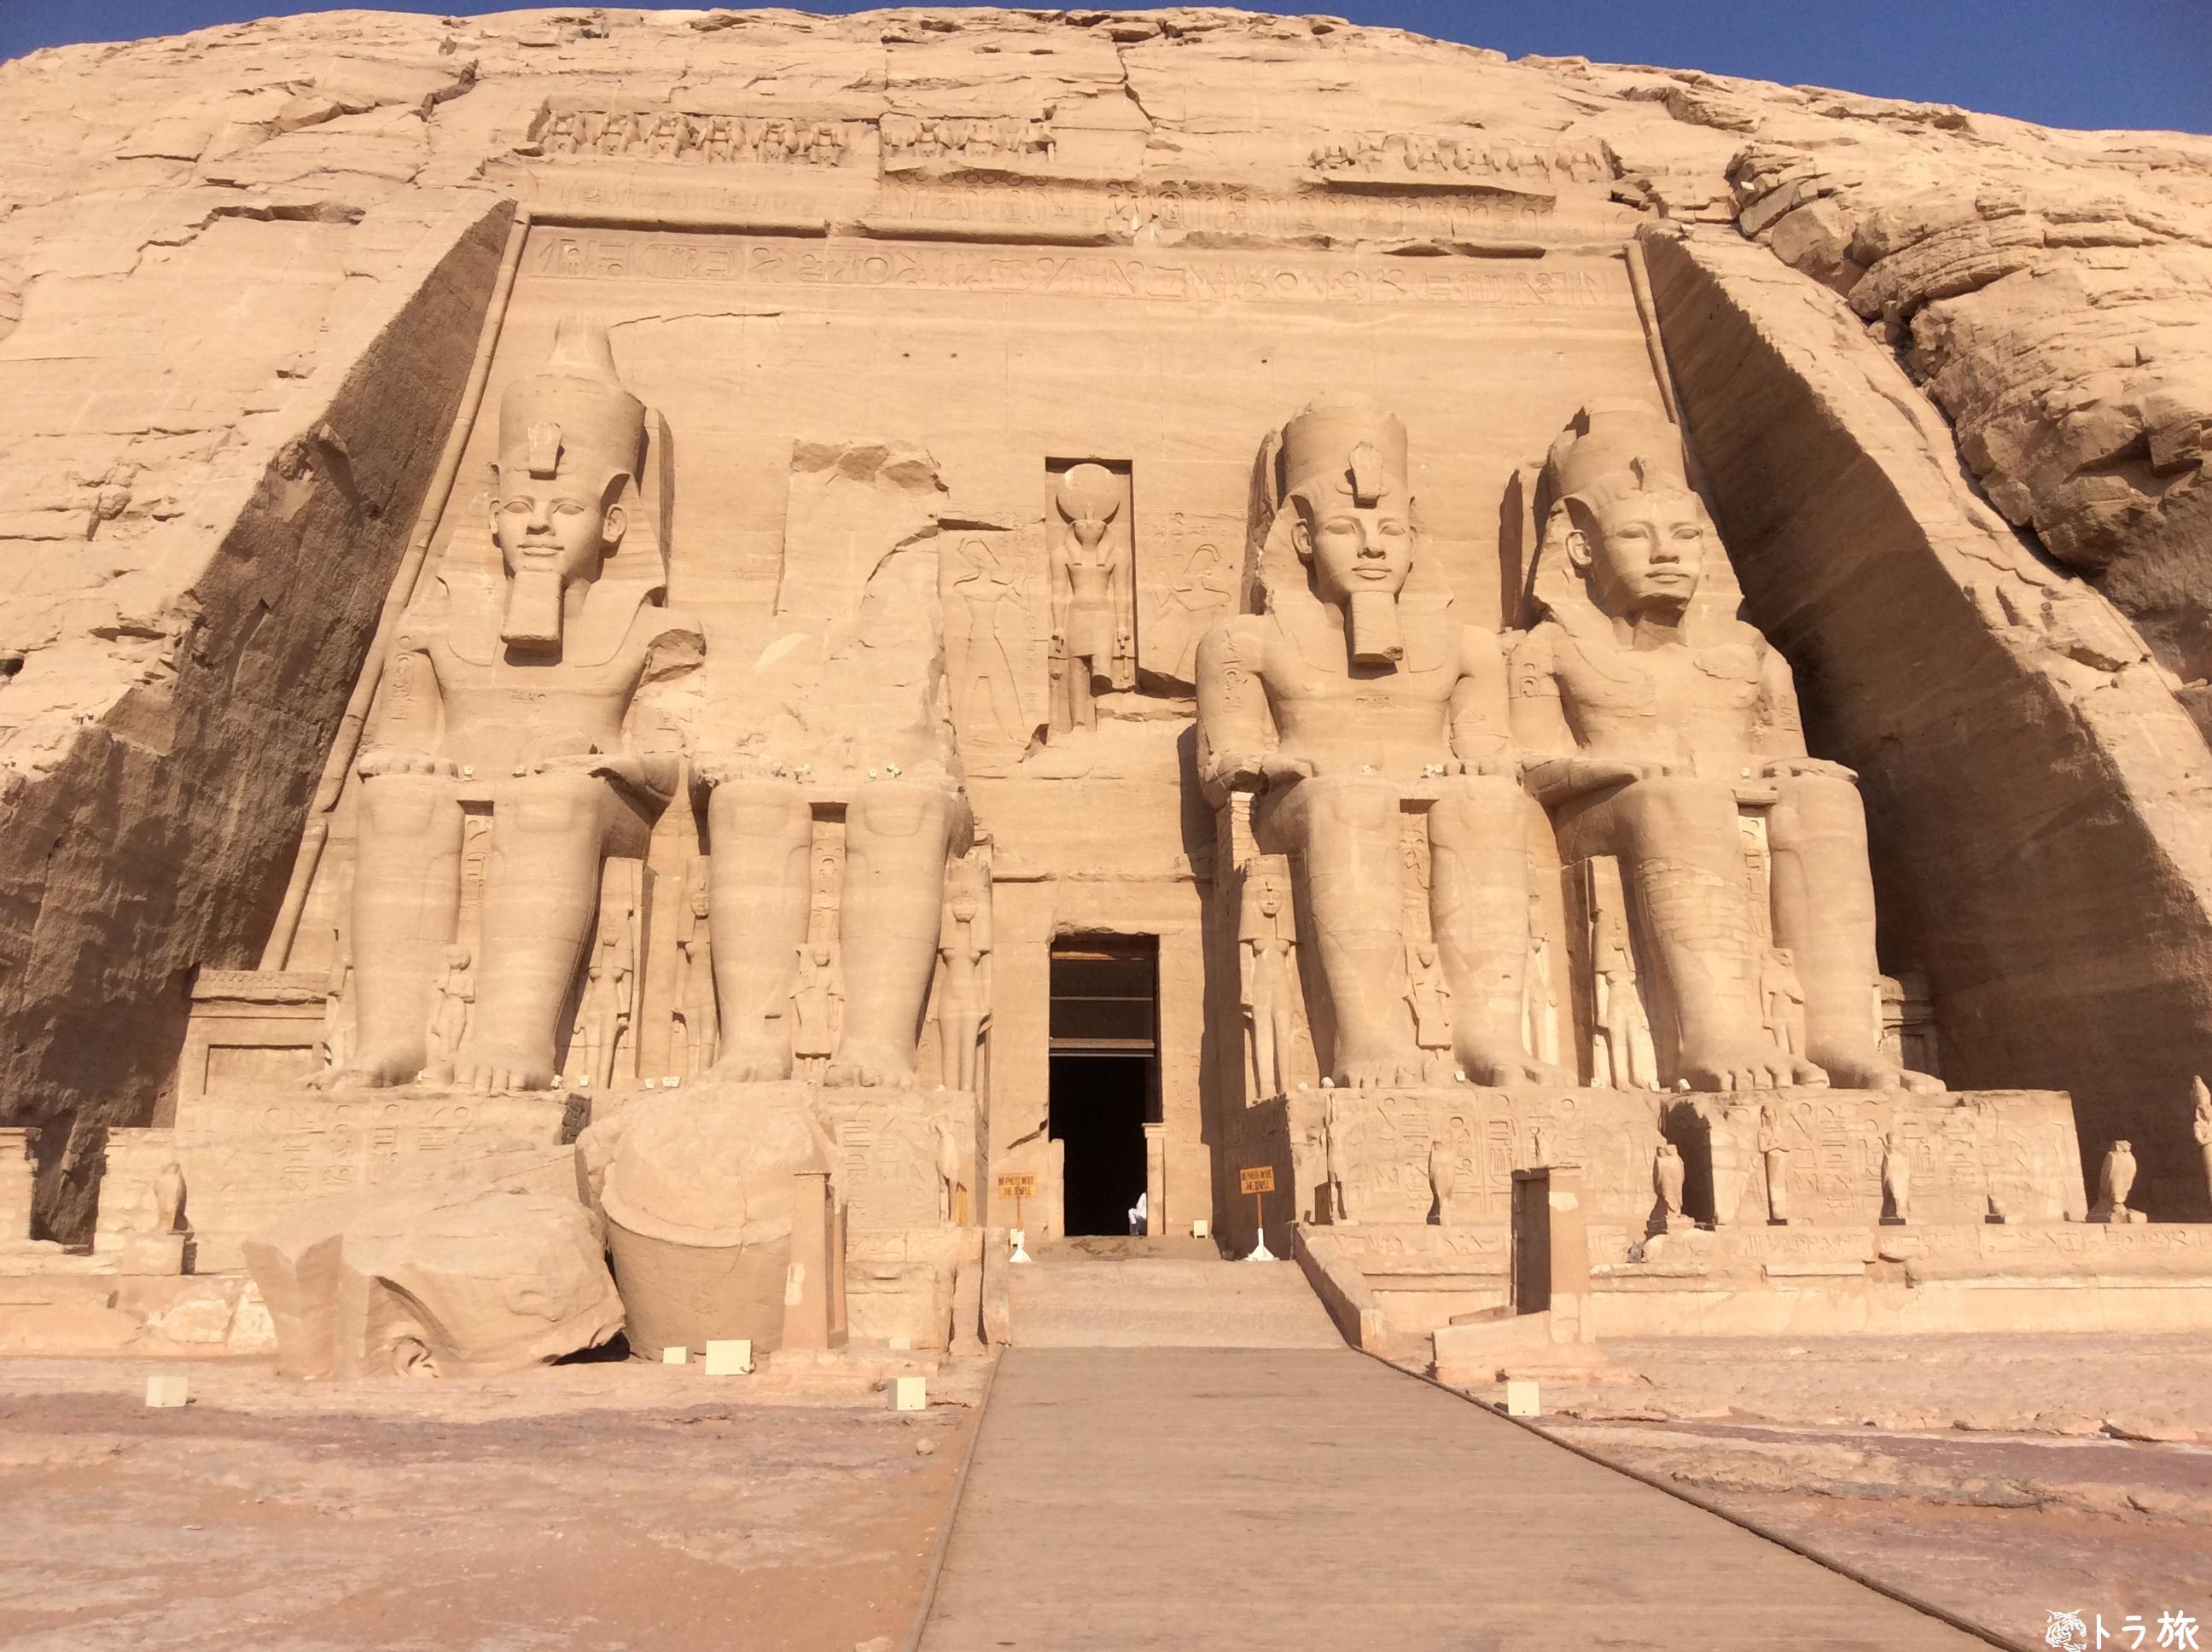 【アブシンベル】世界遺産のきっかけになったアブ・シンベル神殿へ行った【エジプト】